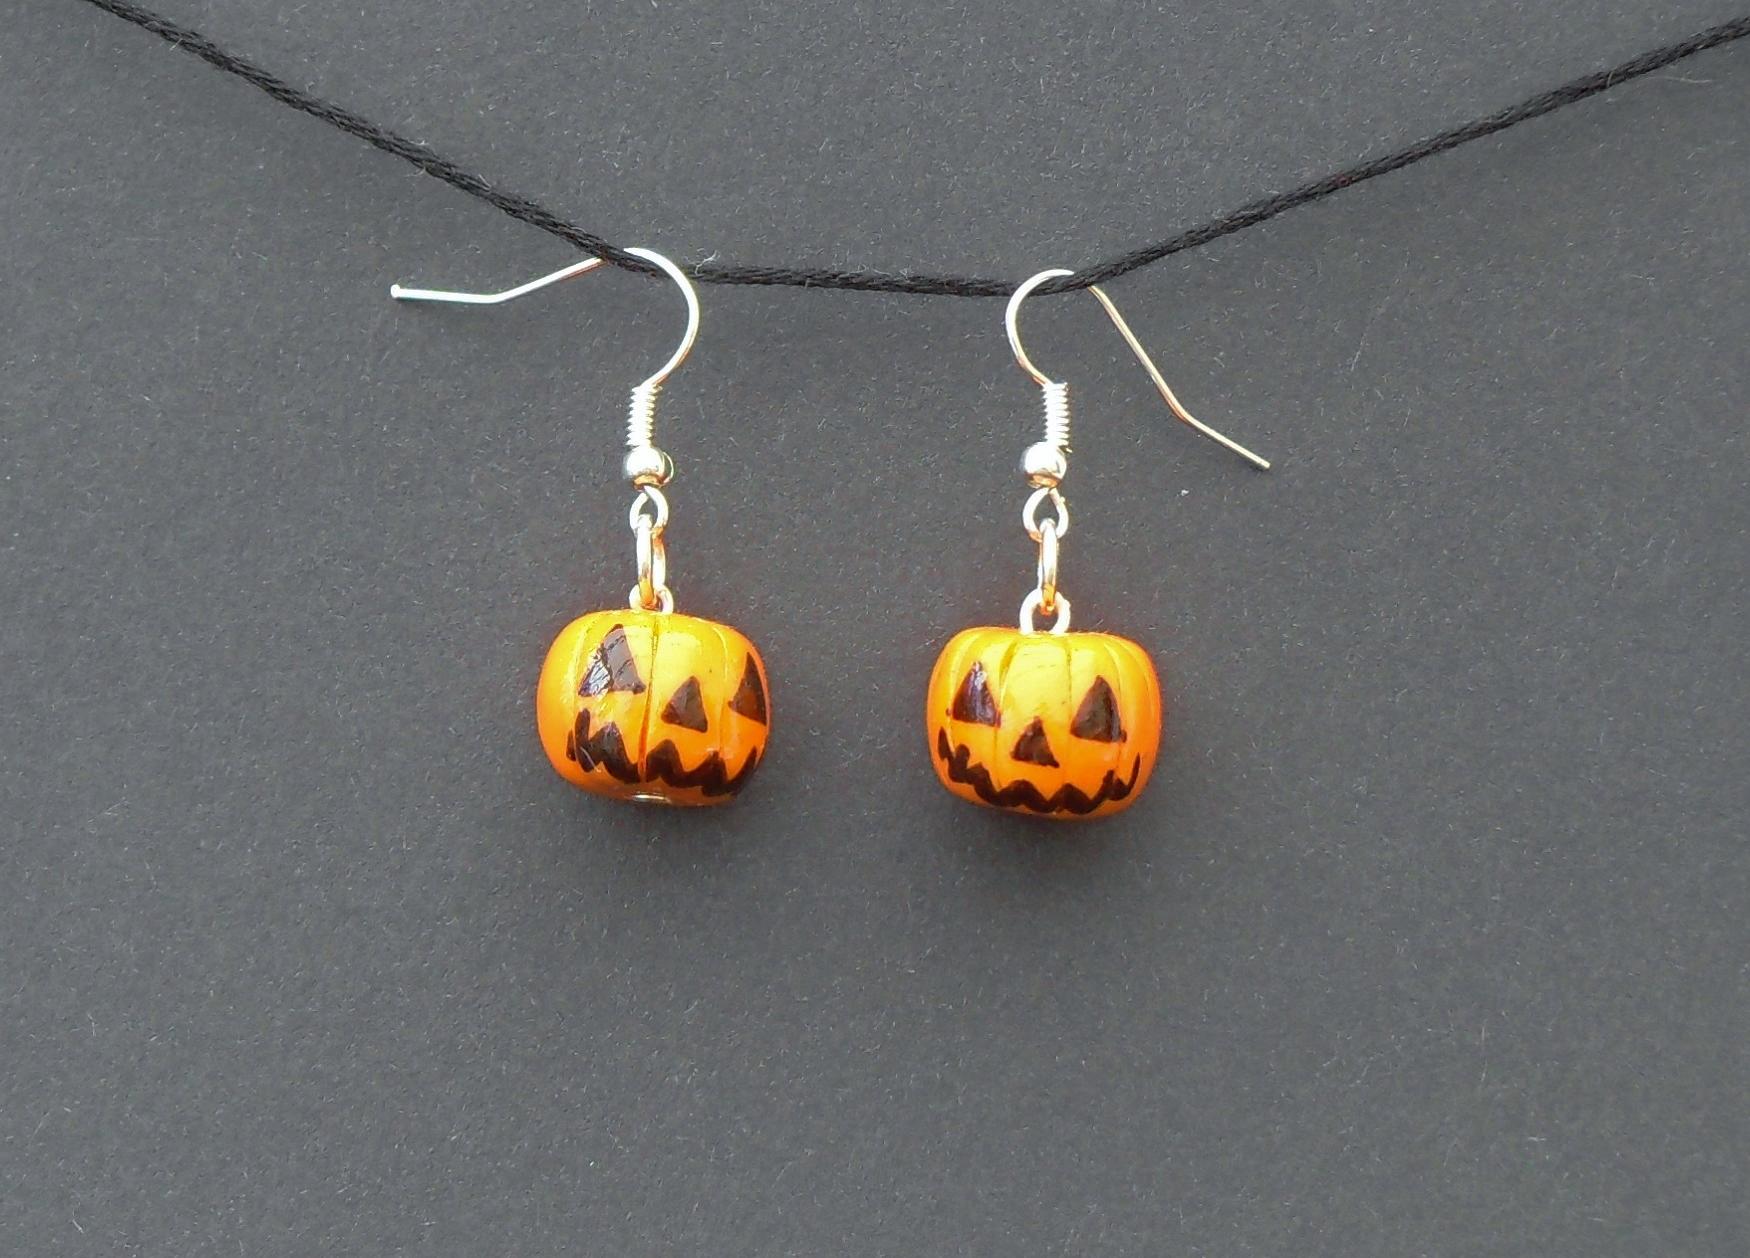 Halloween, spooky, creepy, cute, trick or treat, horror, handmade, novelty, season, kitsch, fan, jewellery, accessories, quirky, pumpkin, jackolantern, earrings,